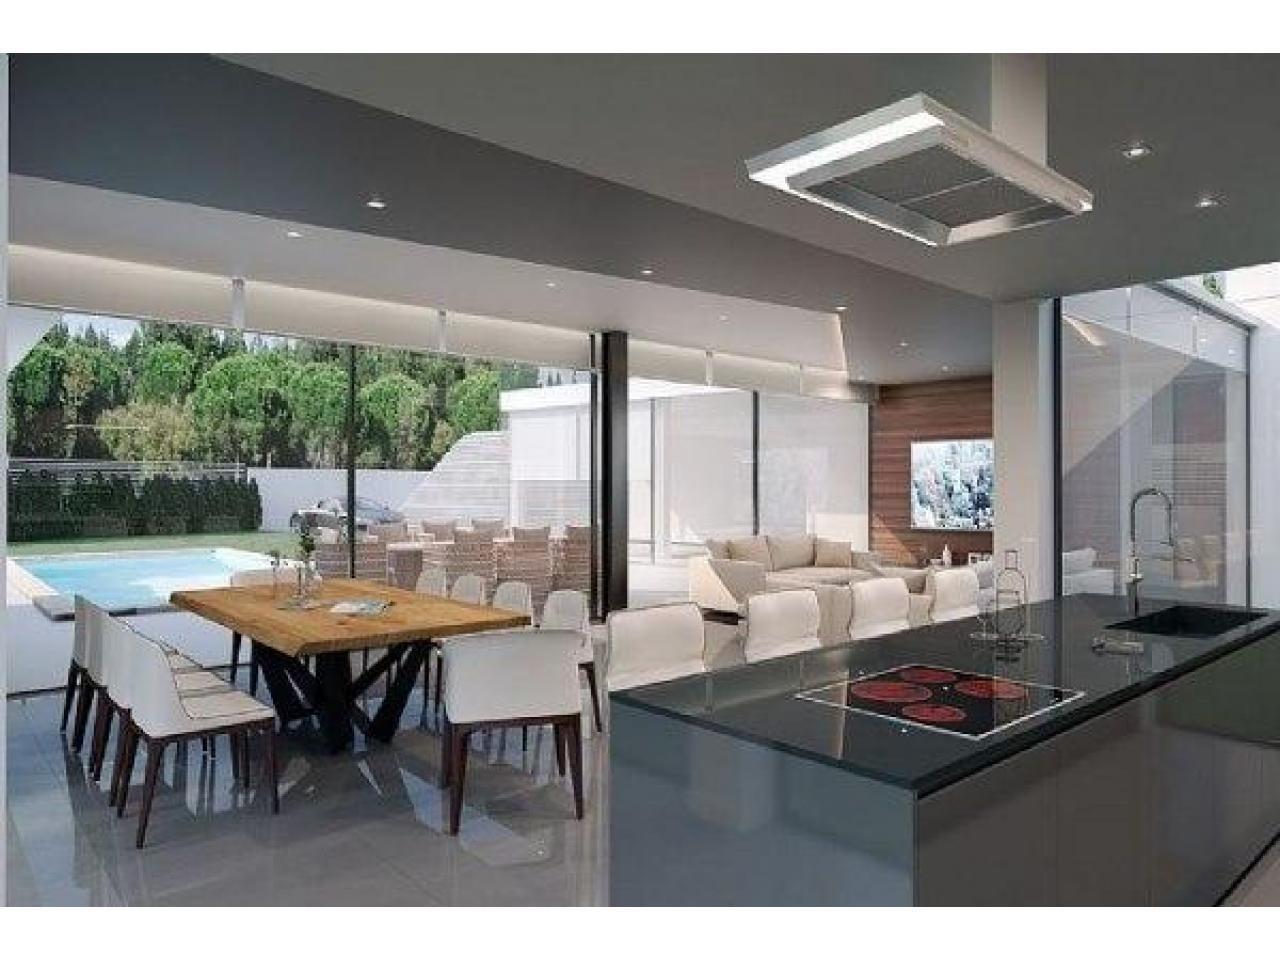 Недвижимость в Испании, Новая вилла рядом с морем от застройщика в Альтеа,Коста Бланка,Испания - 2